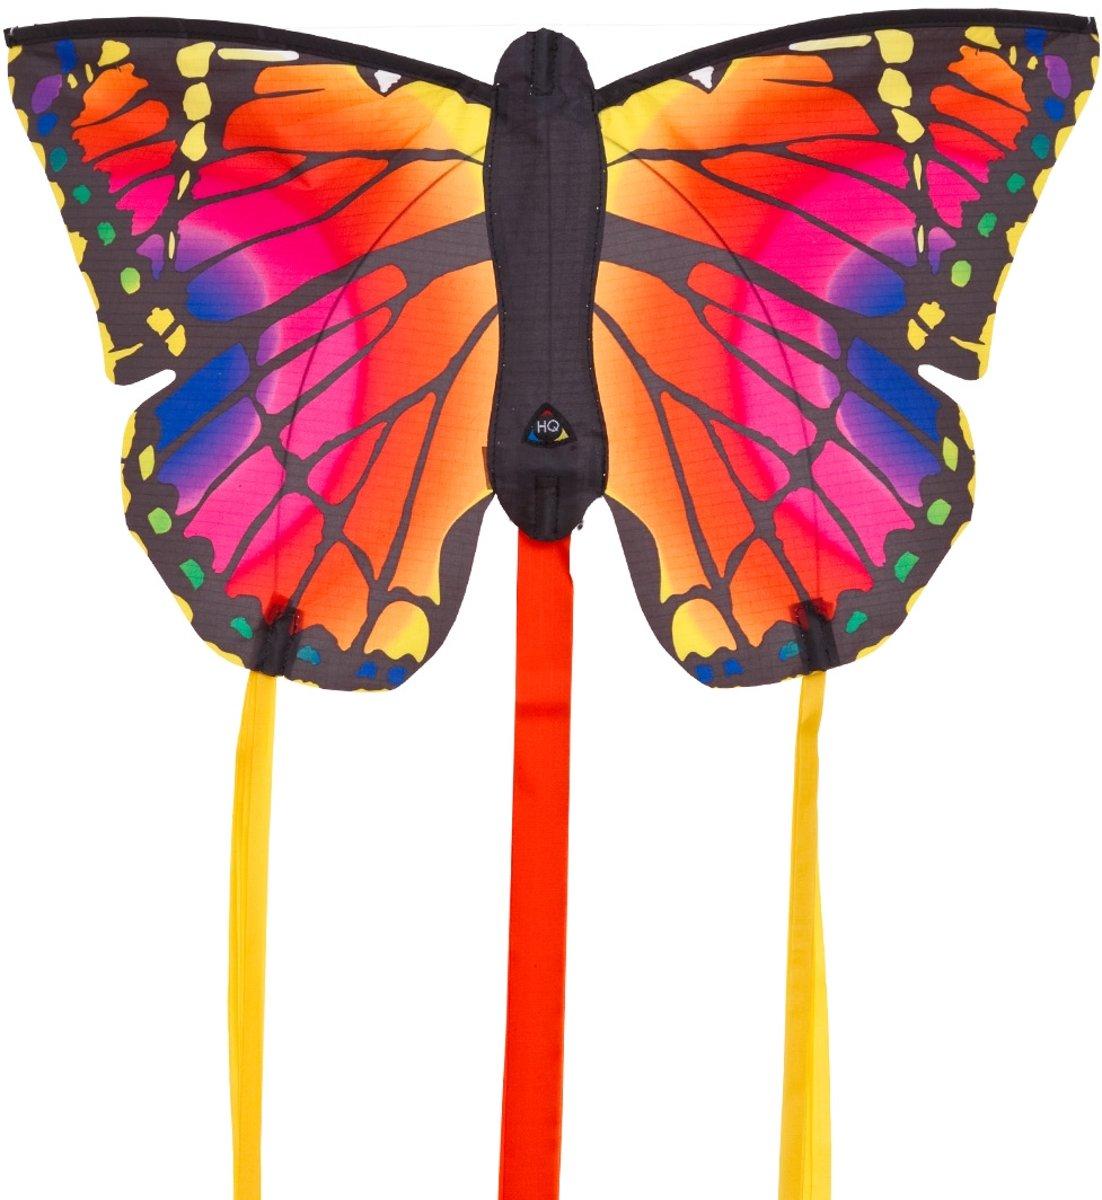 Invento Eenlijnskindervlieger Butterfly Kite R Ruby 52 Cm